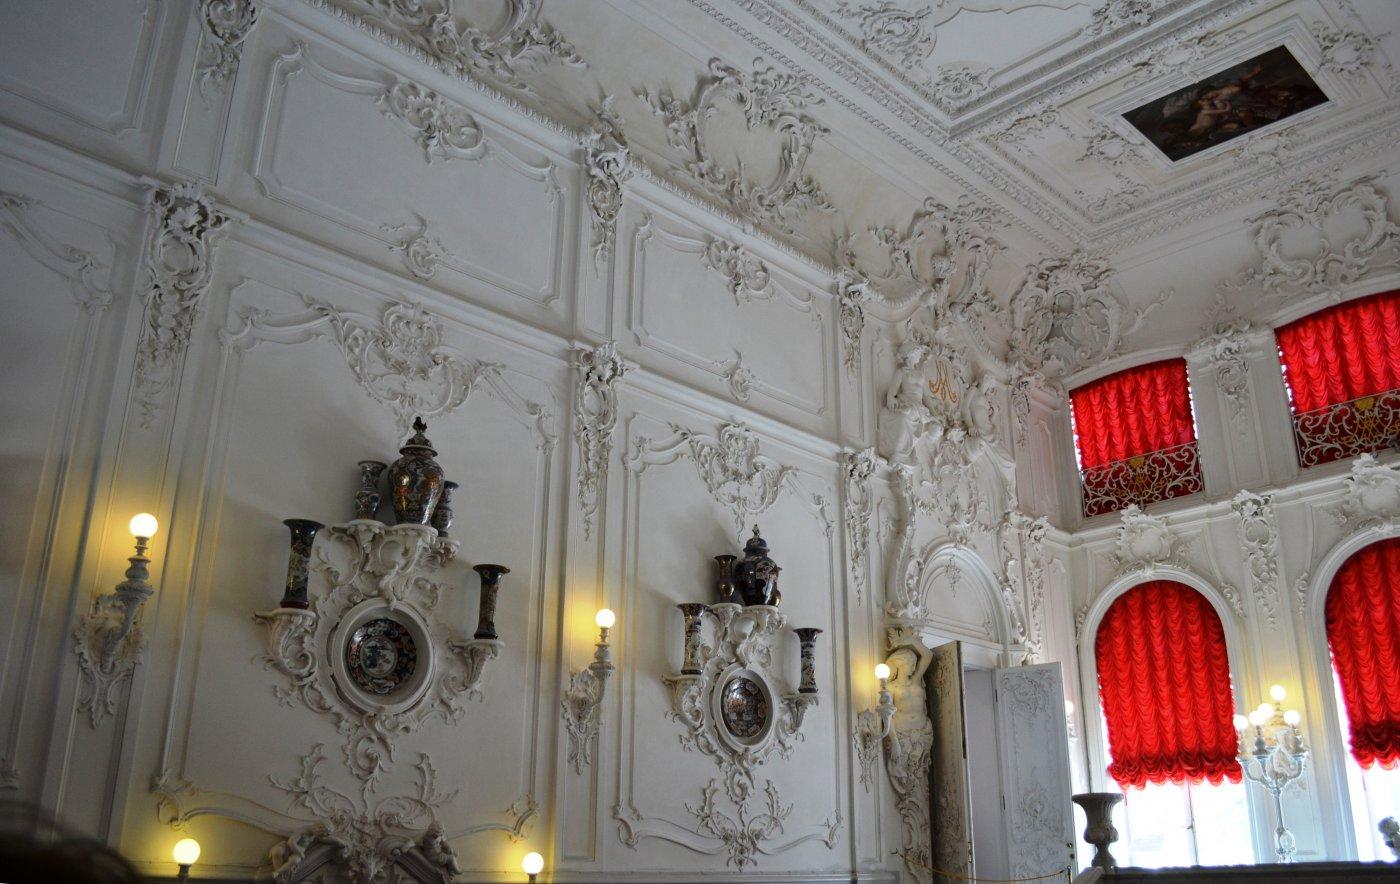 Дворец в пушкино санкт-петербург фото интерьера люстра